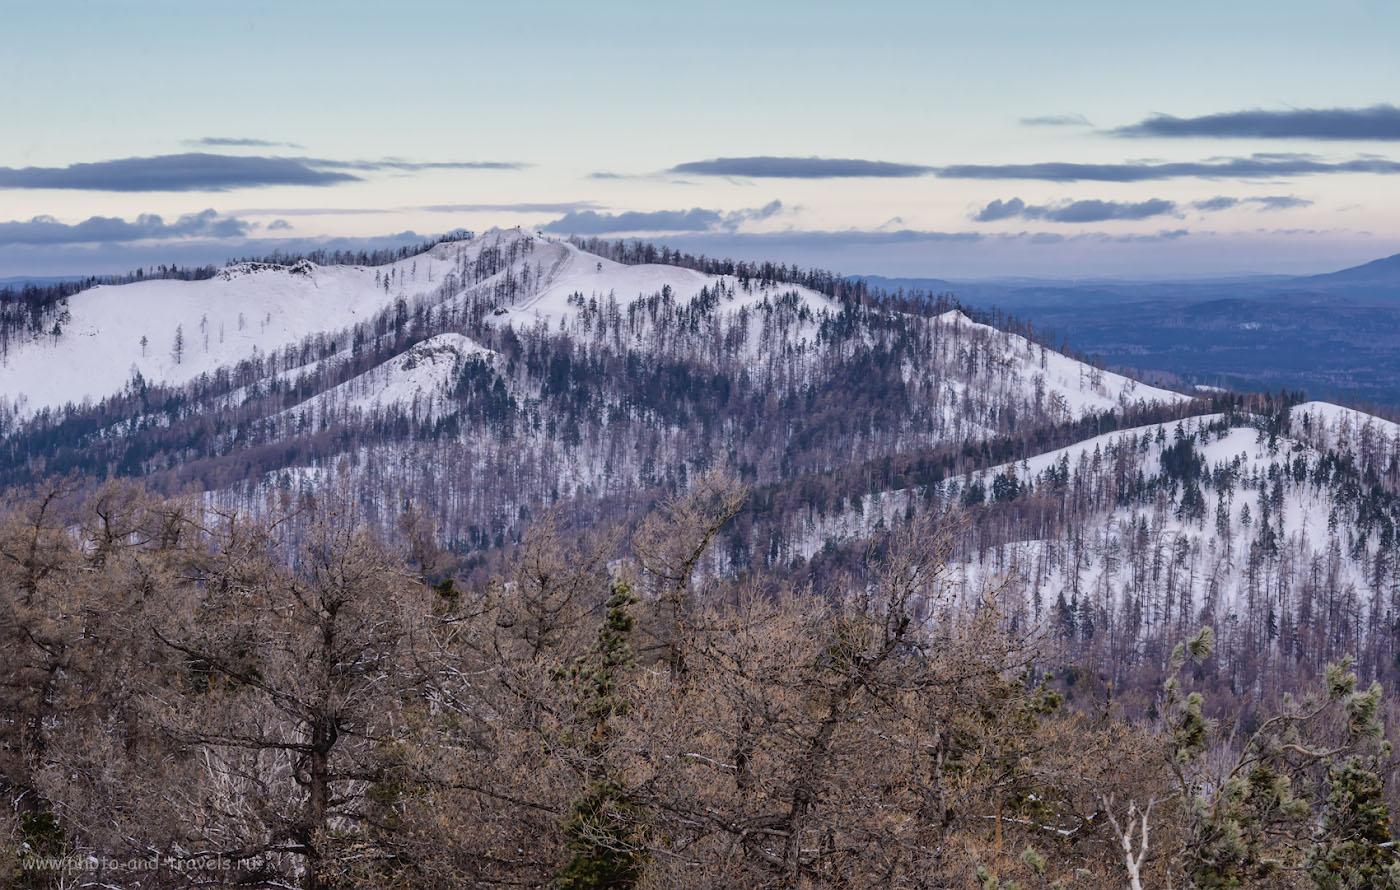 Фотография 14. Гора Егоза, на ней расположен горнолыжный комплекс, если лень подниматься пешком, можно сделать это с помощью подъемника. 1/400, -1.67, 11.0, 900, 110.